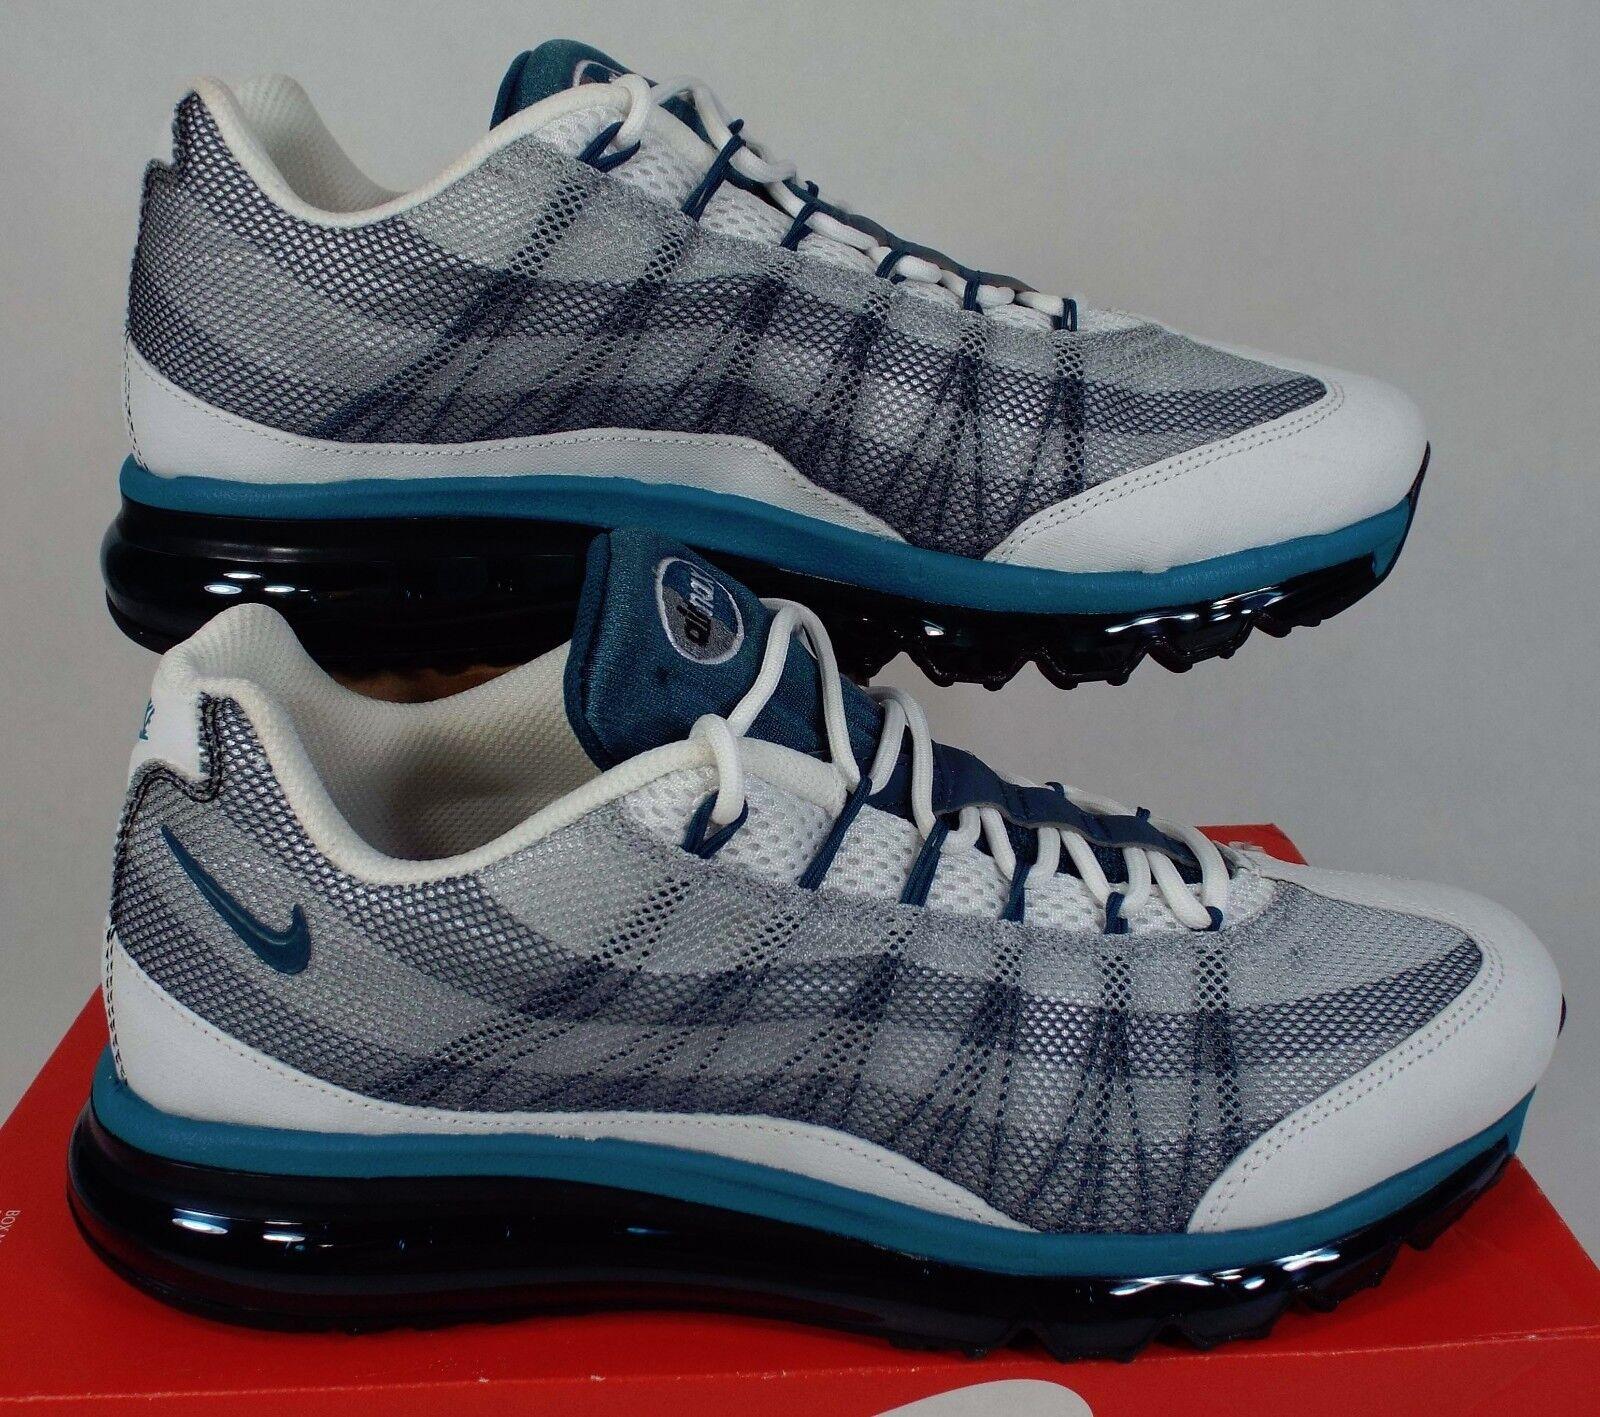 New Mens 10 NIKE Air Max 95 2013 DYN FW Grey Teal Run Shoes 0 599300-100